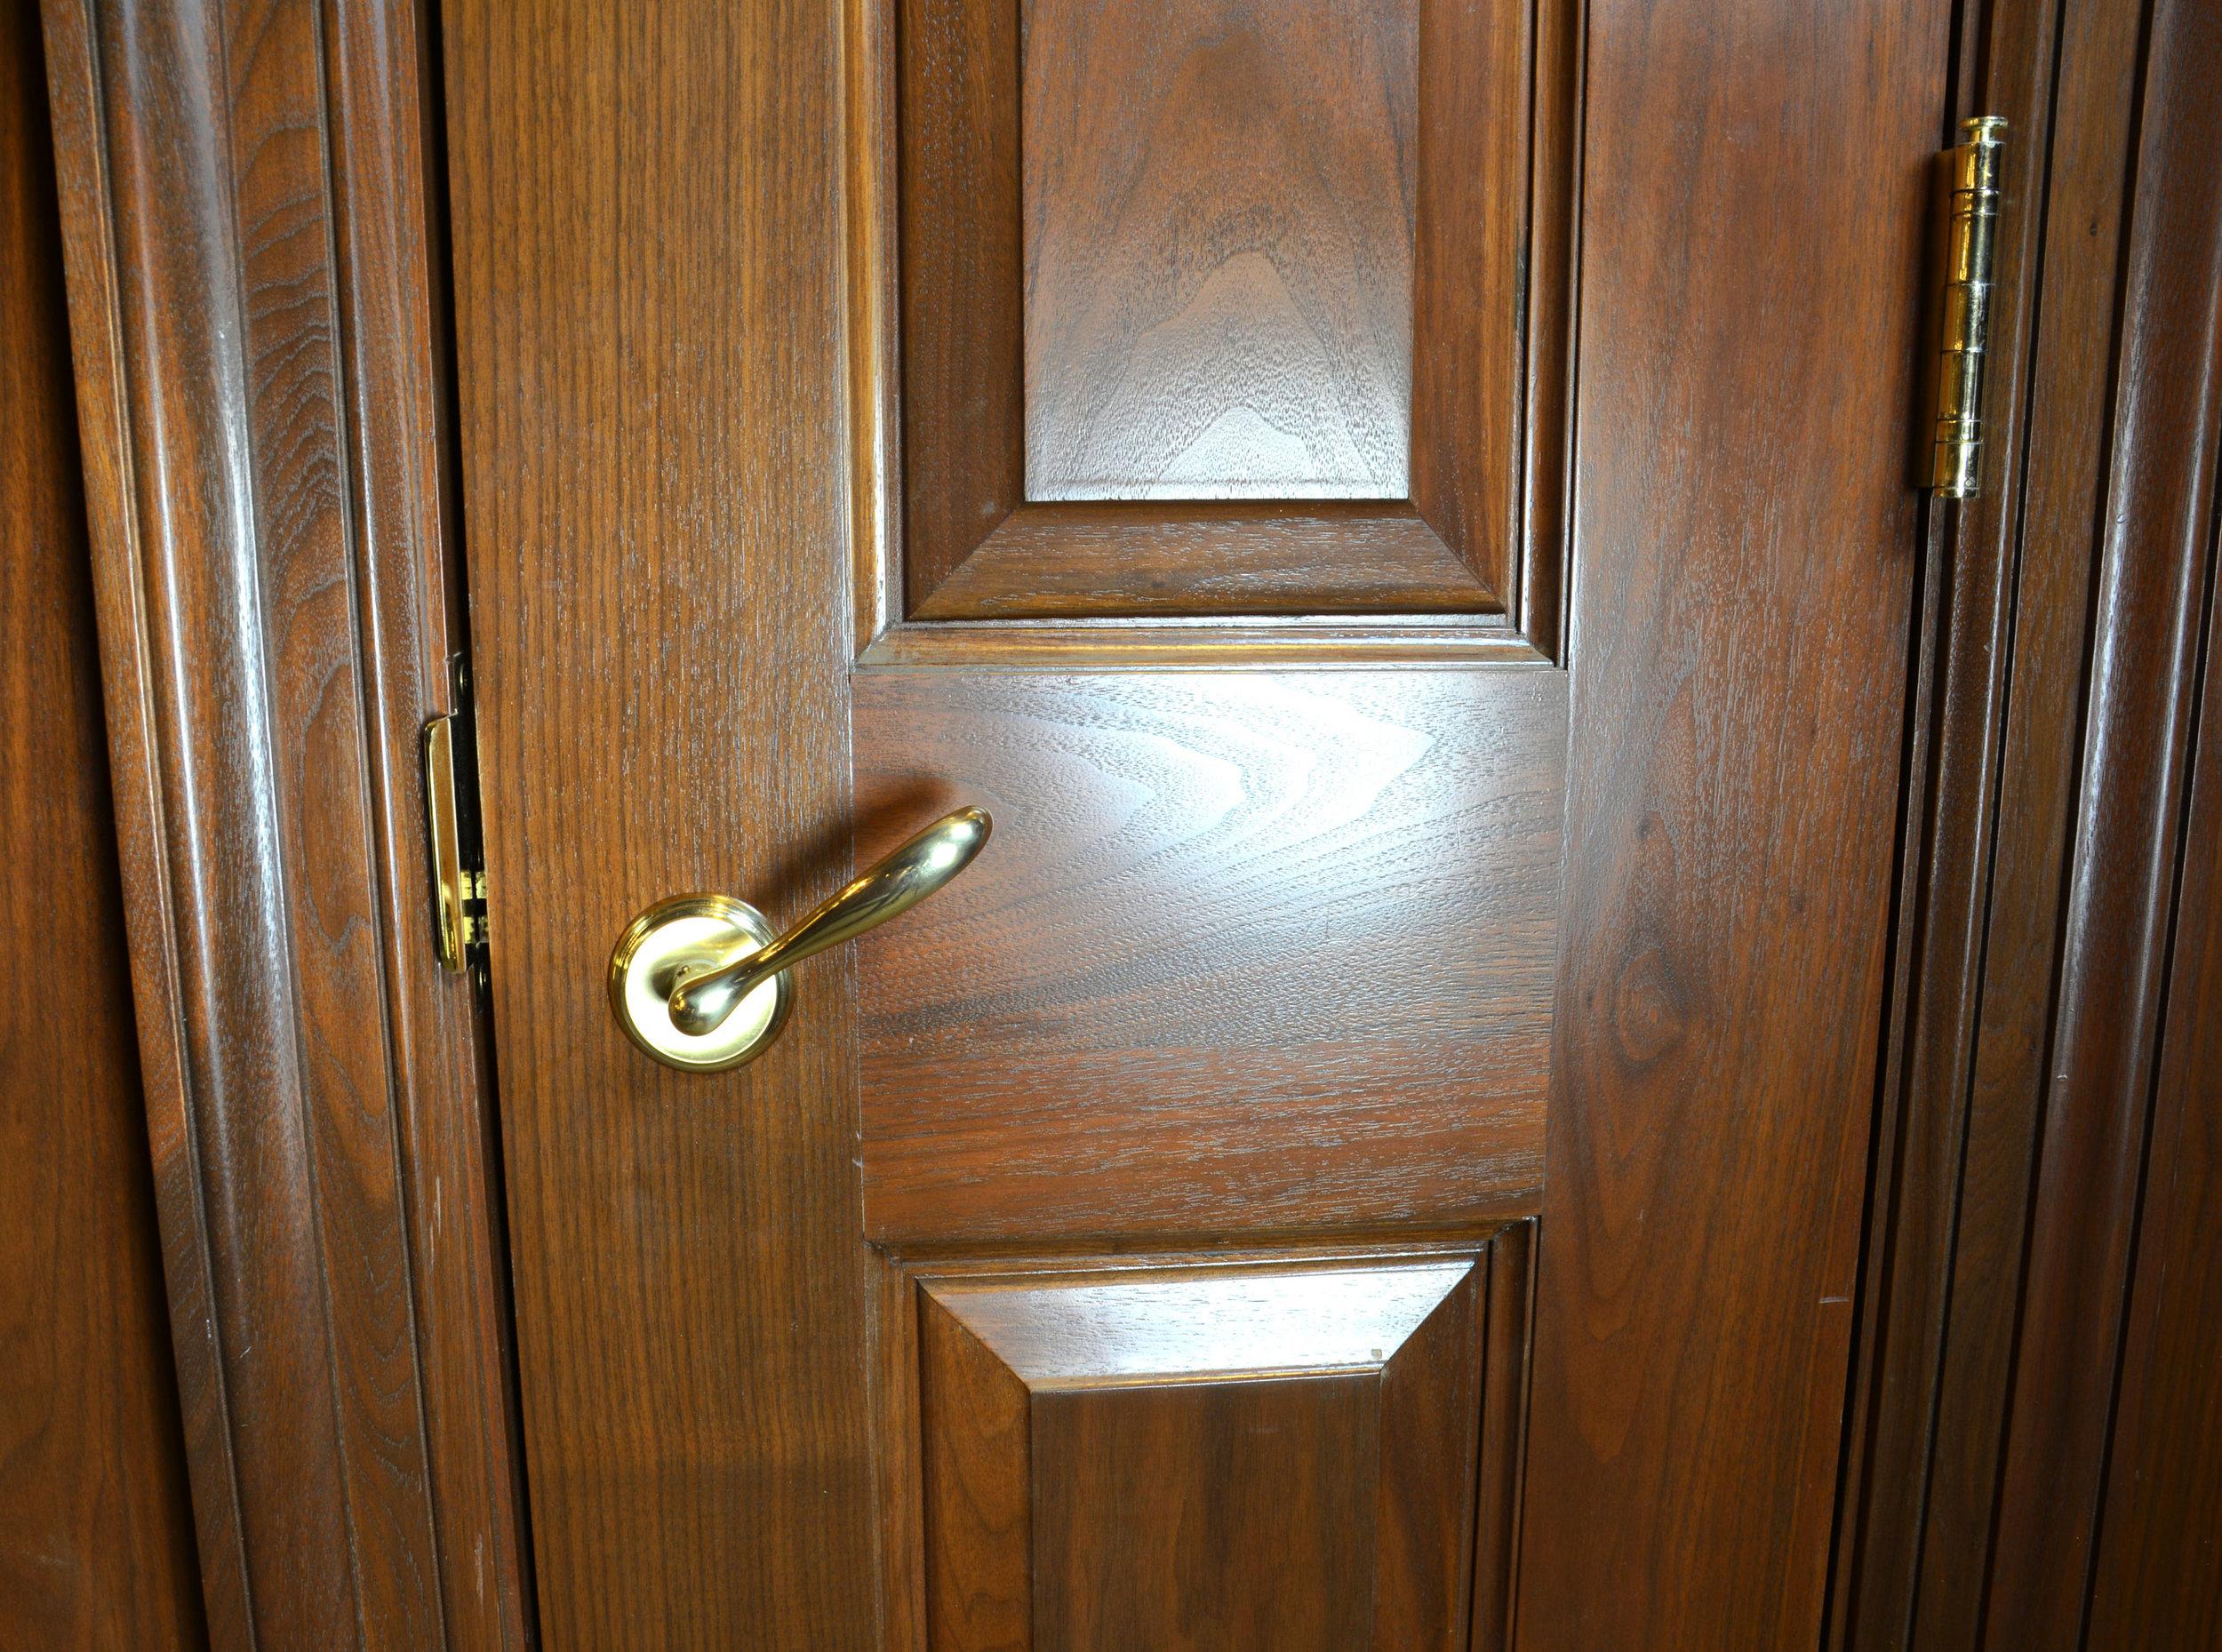 42263-walnut-closet-door-MORE-DETAIL.jpg